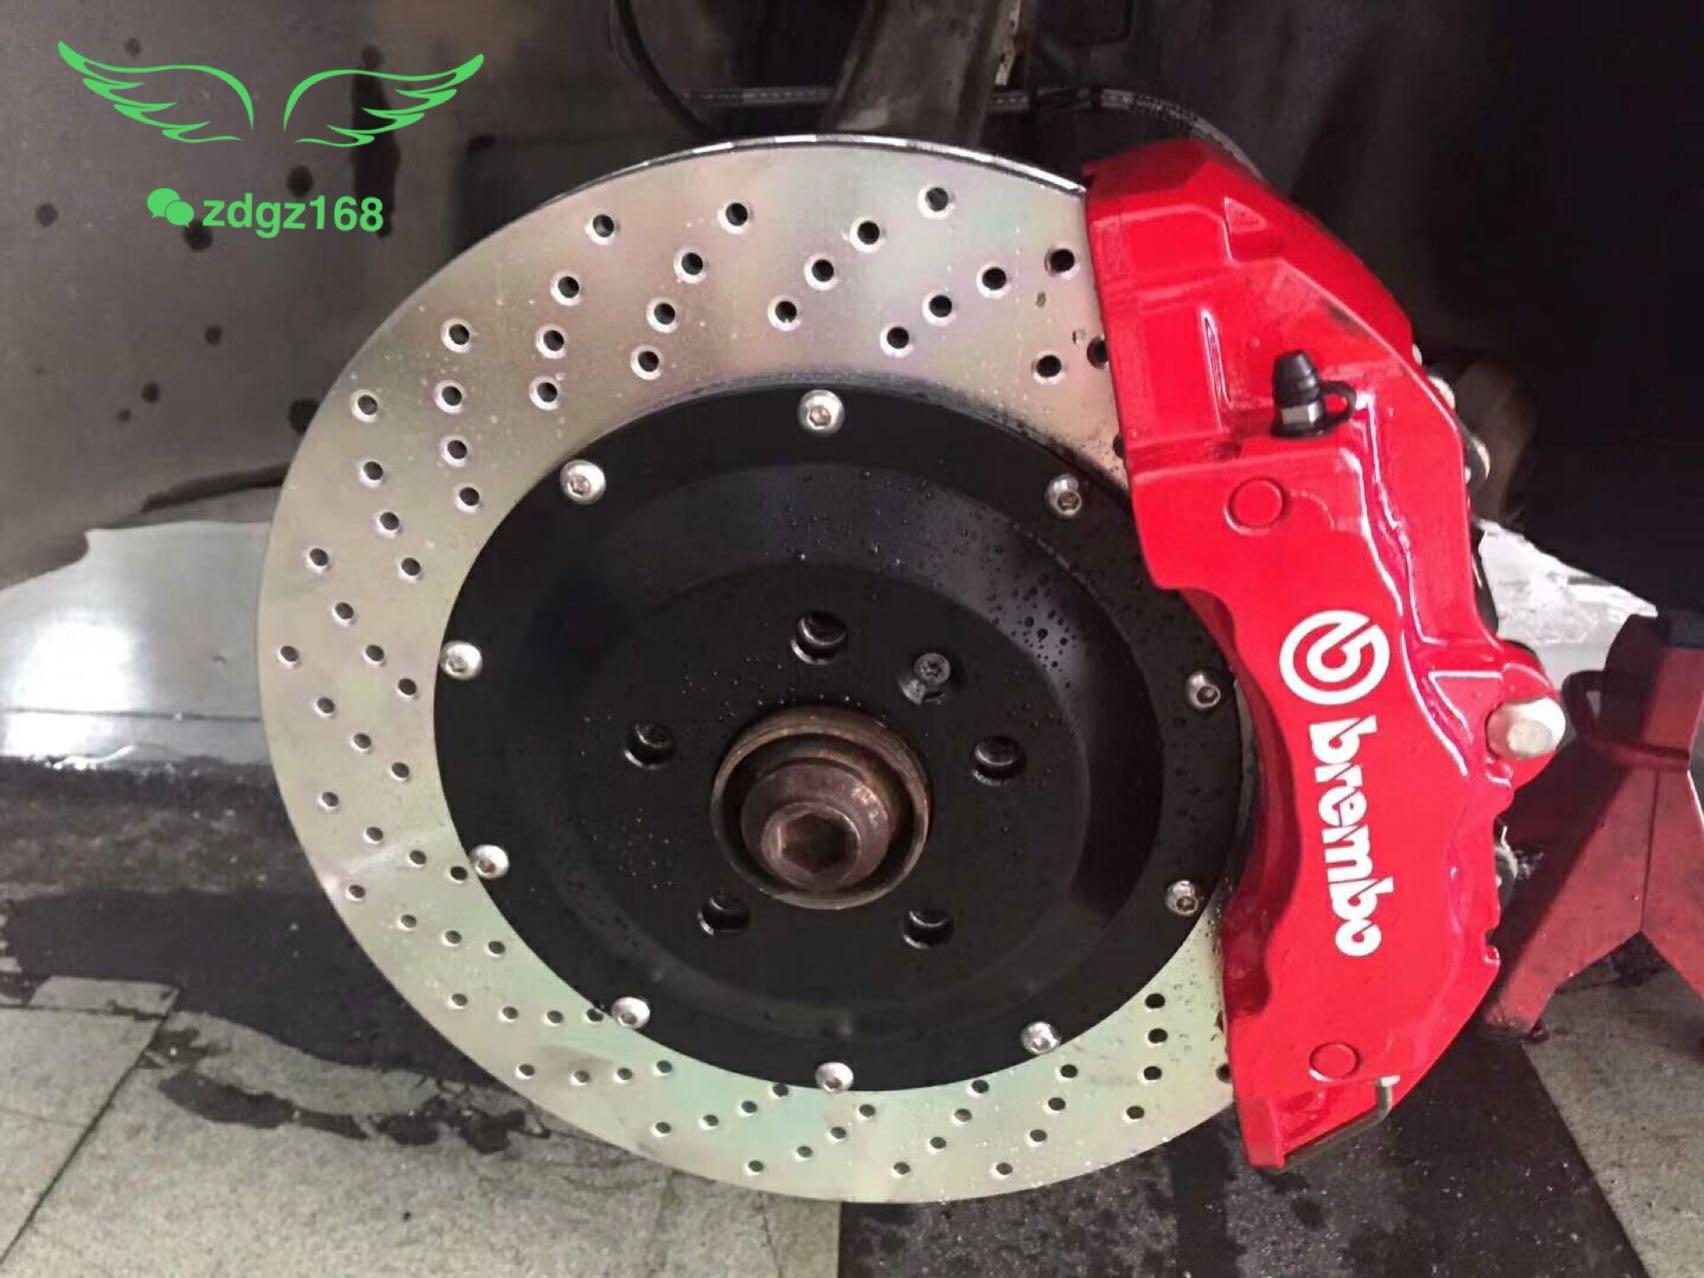 奥迪Q5刹车改装升级意大利brembo 6活塞刹车套装[色][色][色],效果好完美安装!